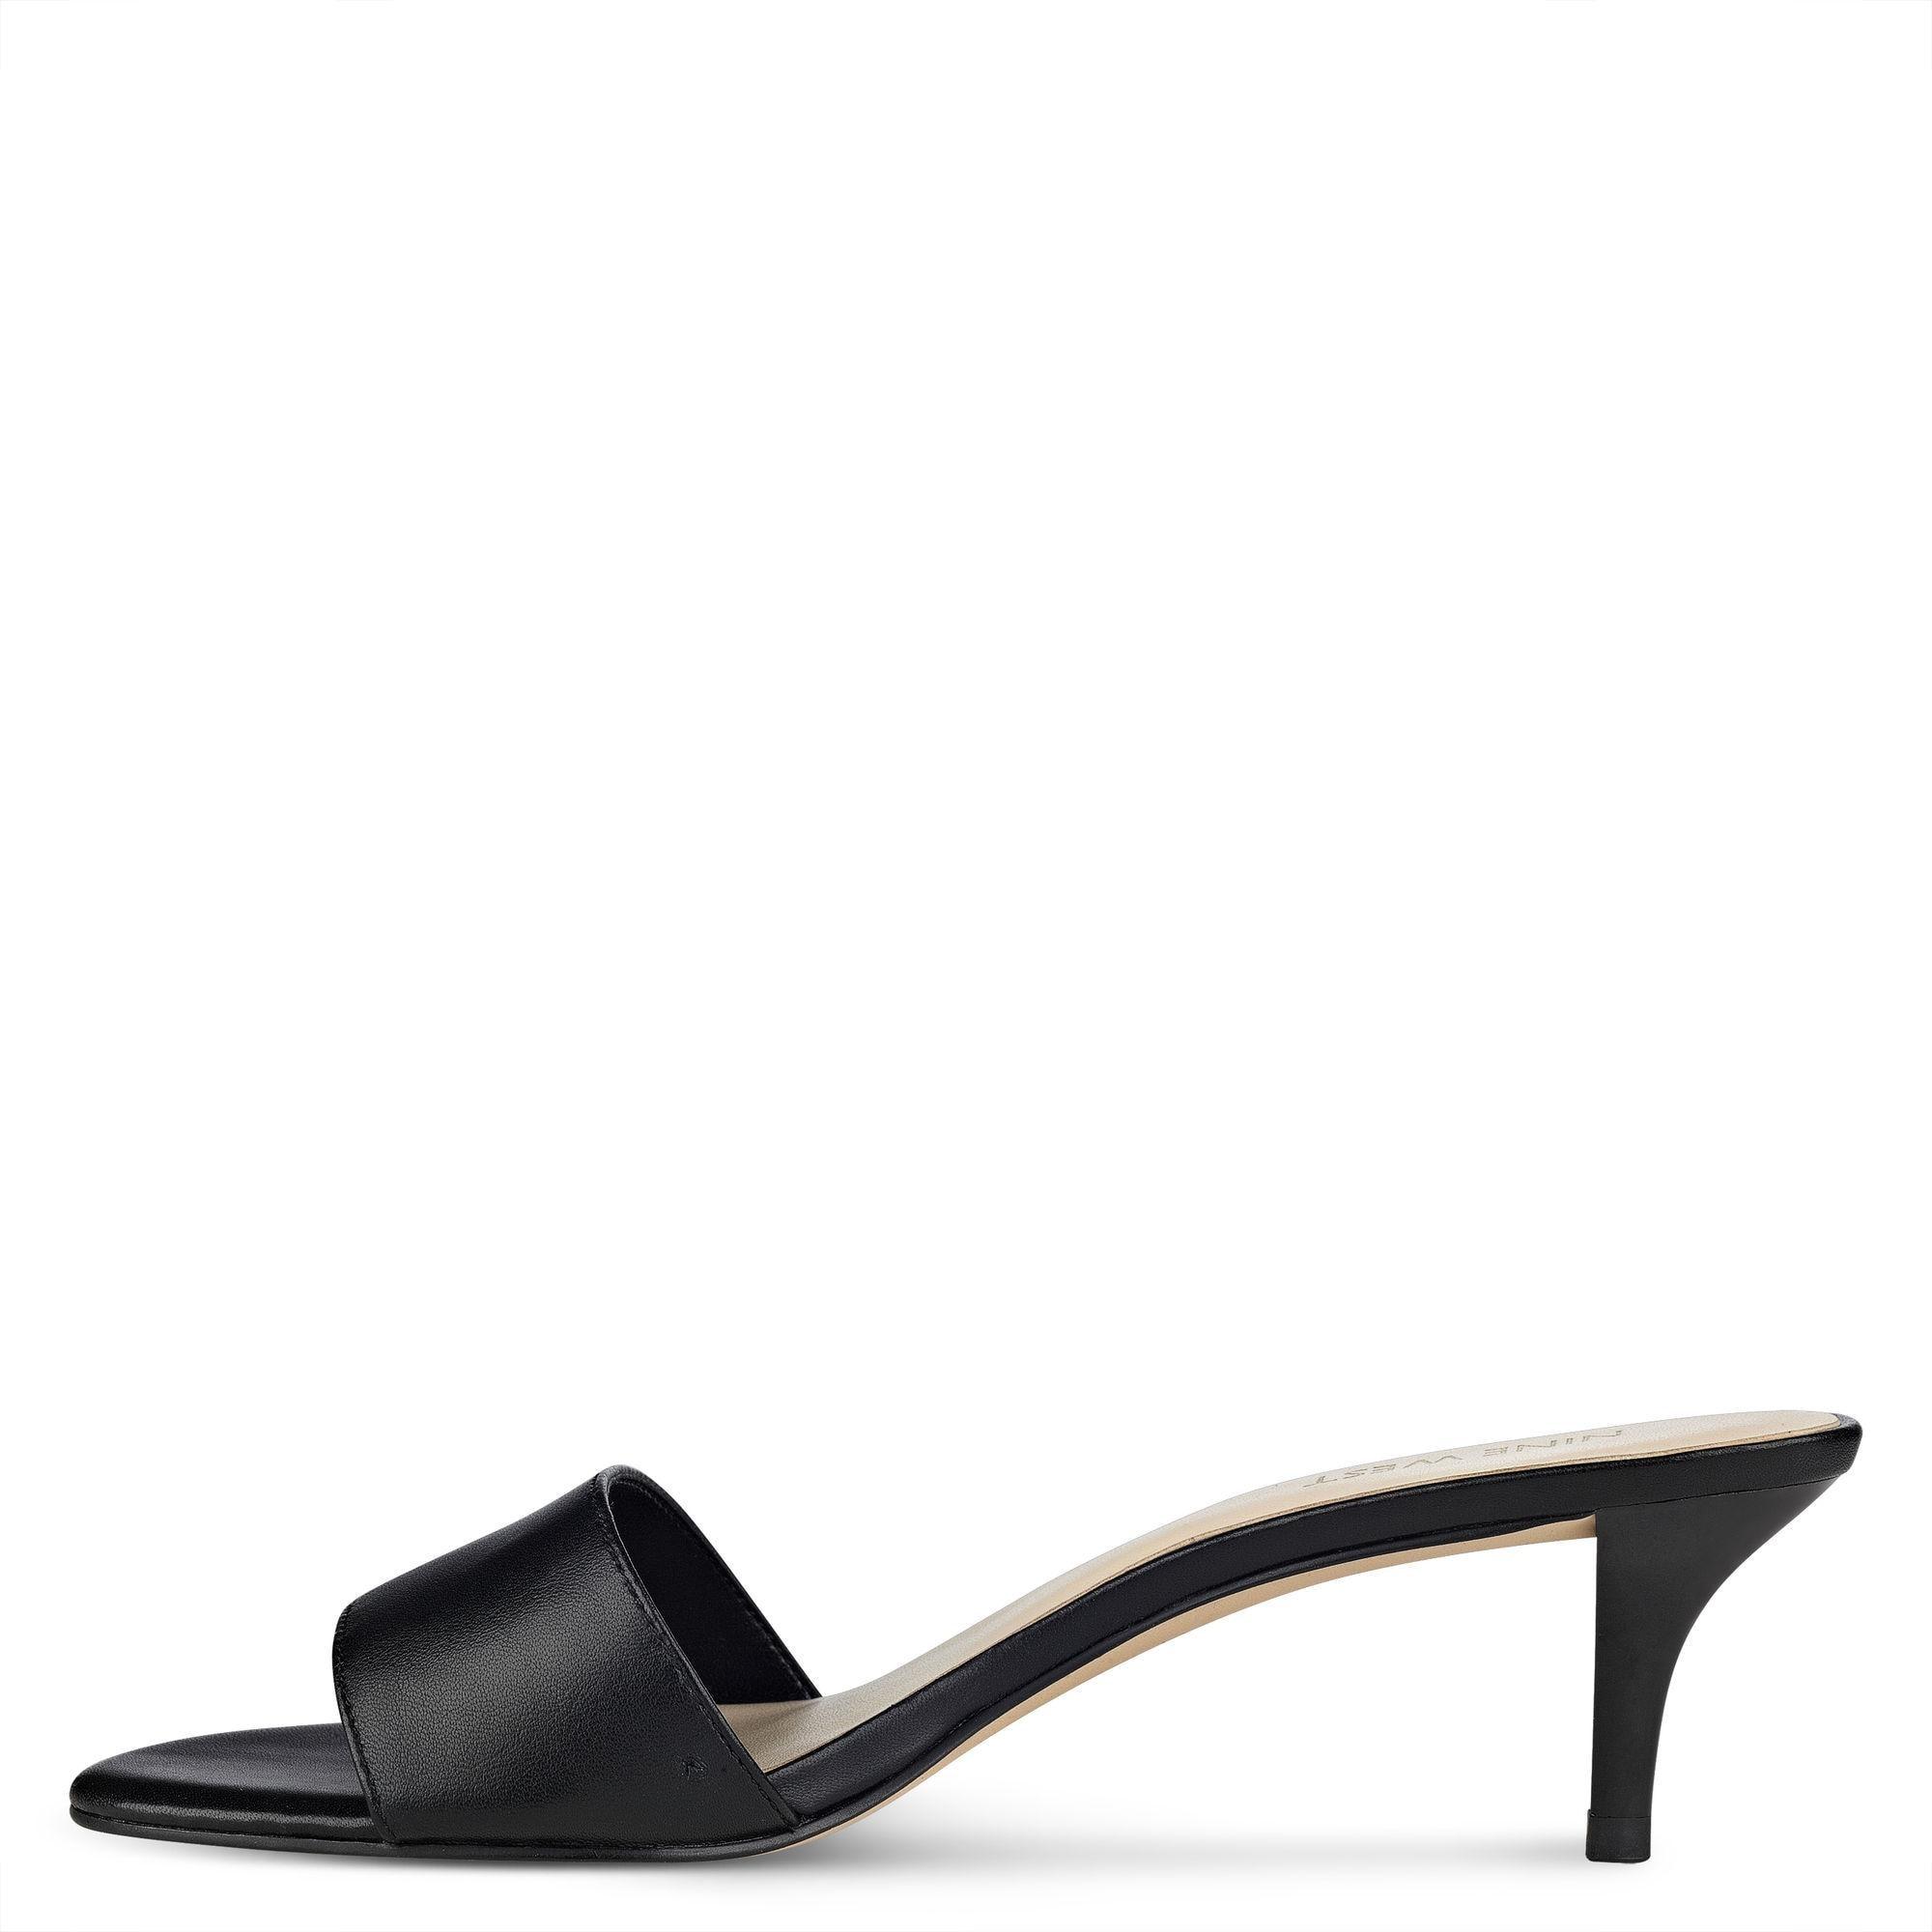 a1a0c4a31b8b Wide Nine West Women s Shoes